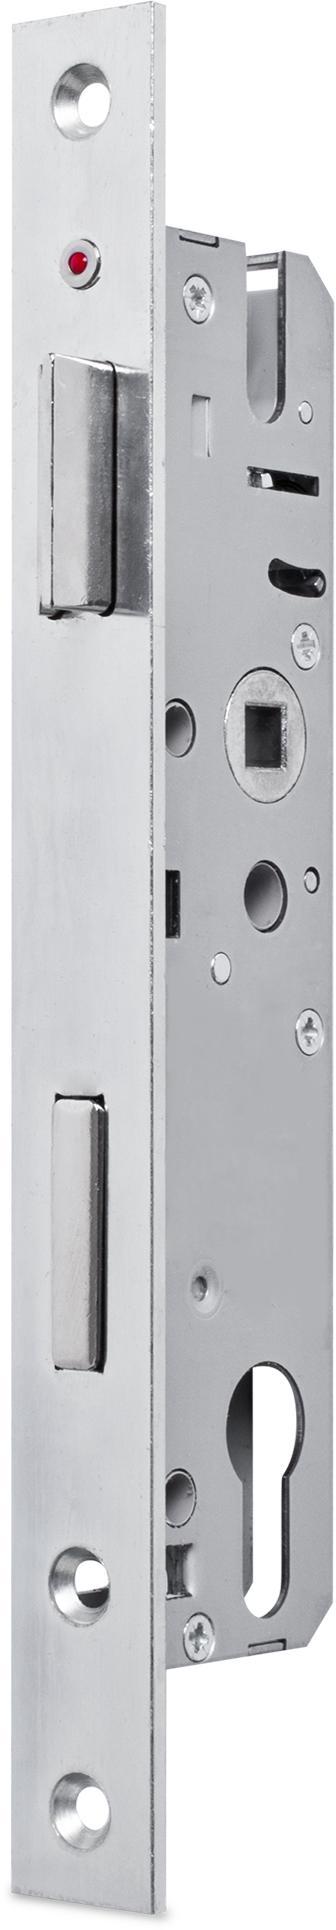 einsteckschloss mit wechsel dornma 30 mm entfernung 92 mm vierkantnuss 8 mm falle und. Black Bedroom Furniture Sets. Home Design Ideas